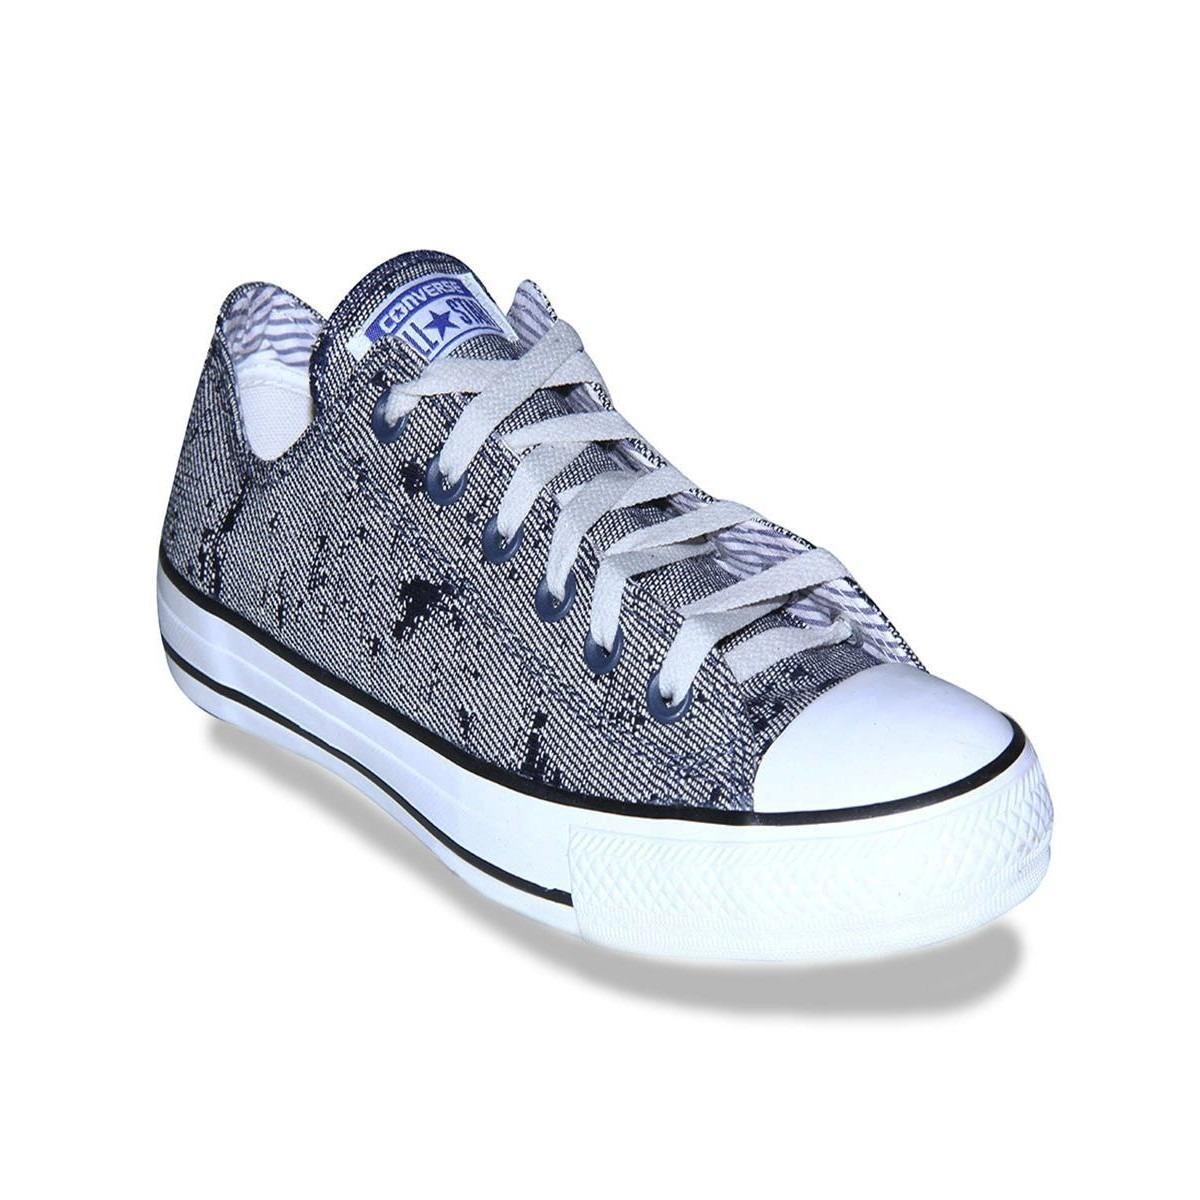 40f72305742 tênis sapato all star converse masculino-promoção relâmpago! Carregando  zoom.